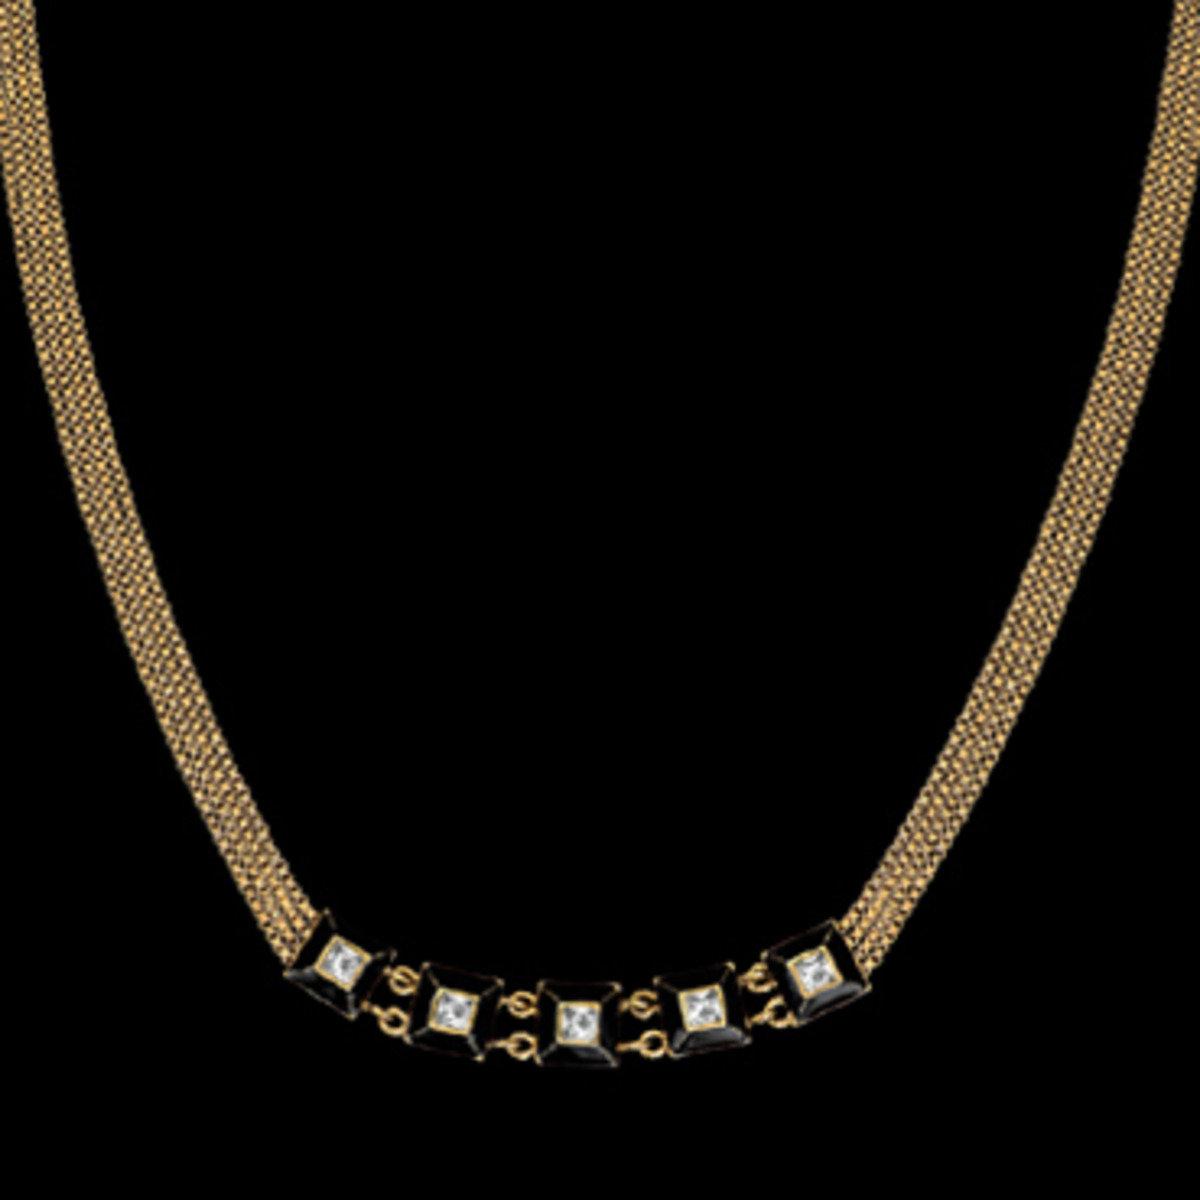 Pyramide necklace